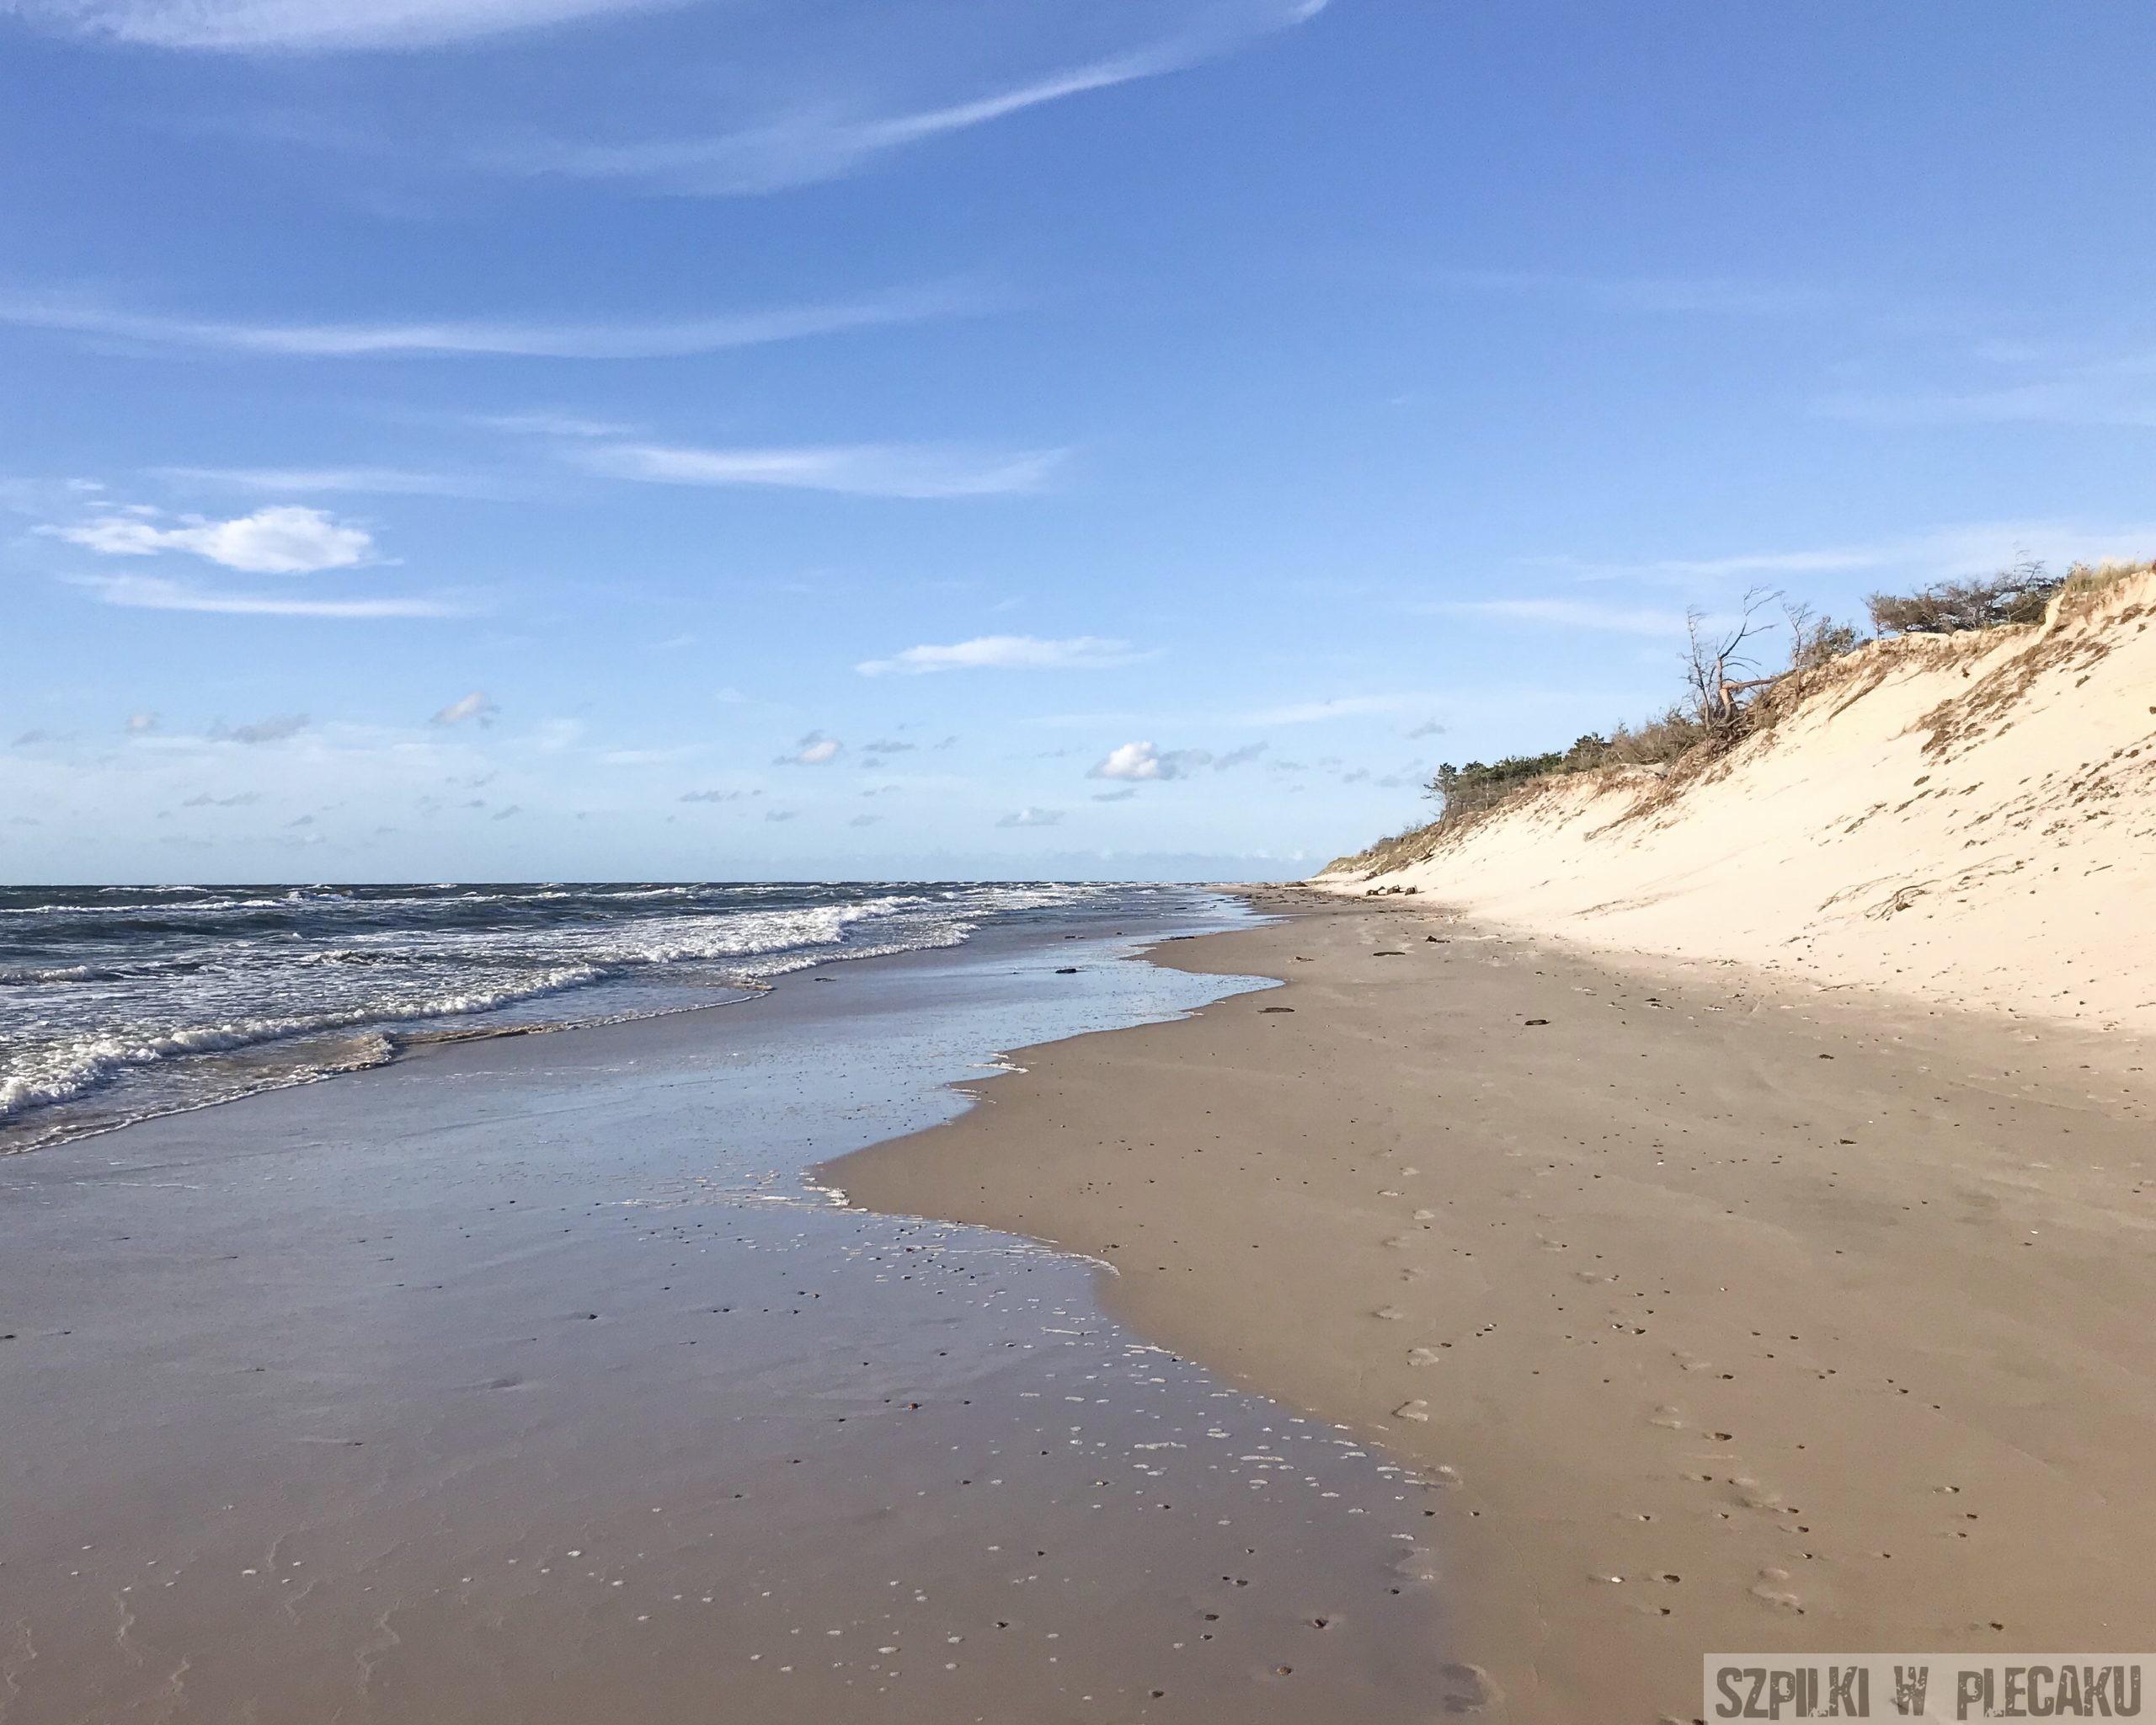 dzika plaża - Słowiński Park Narodowy